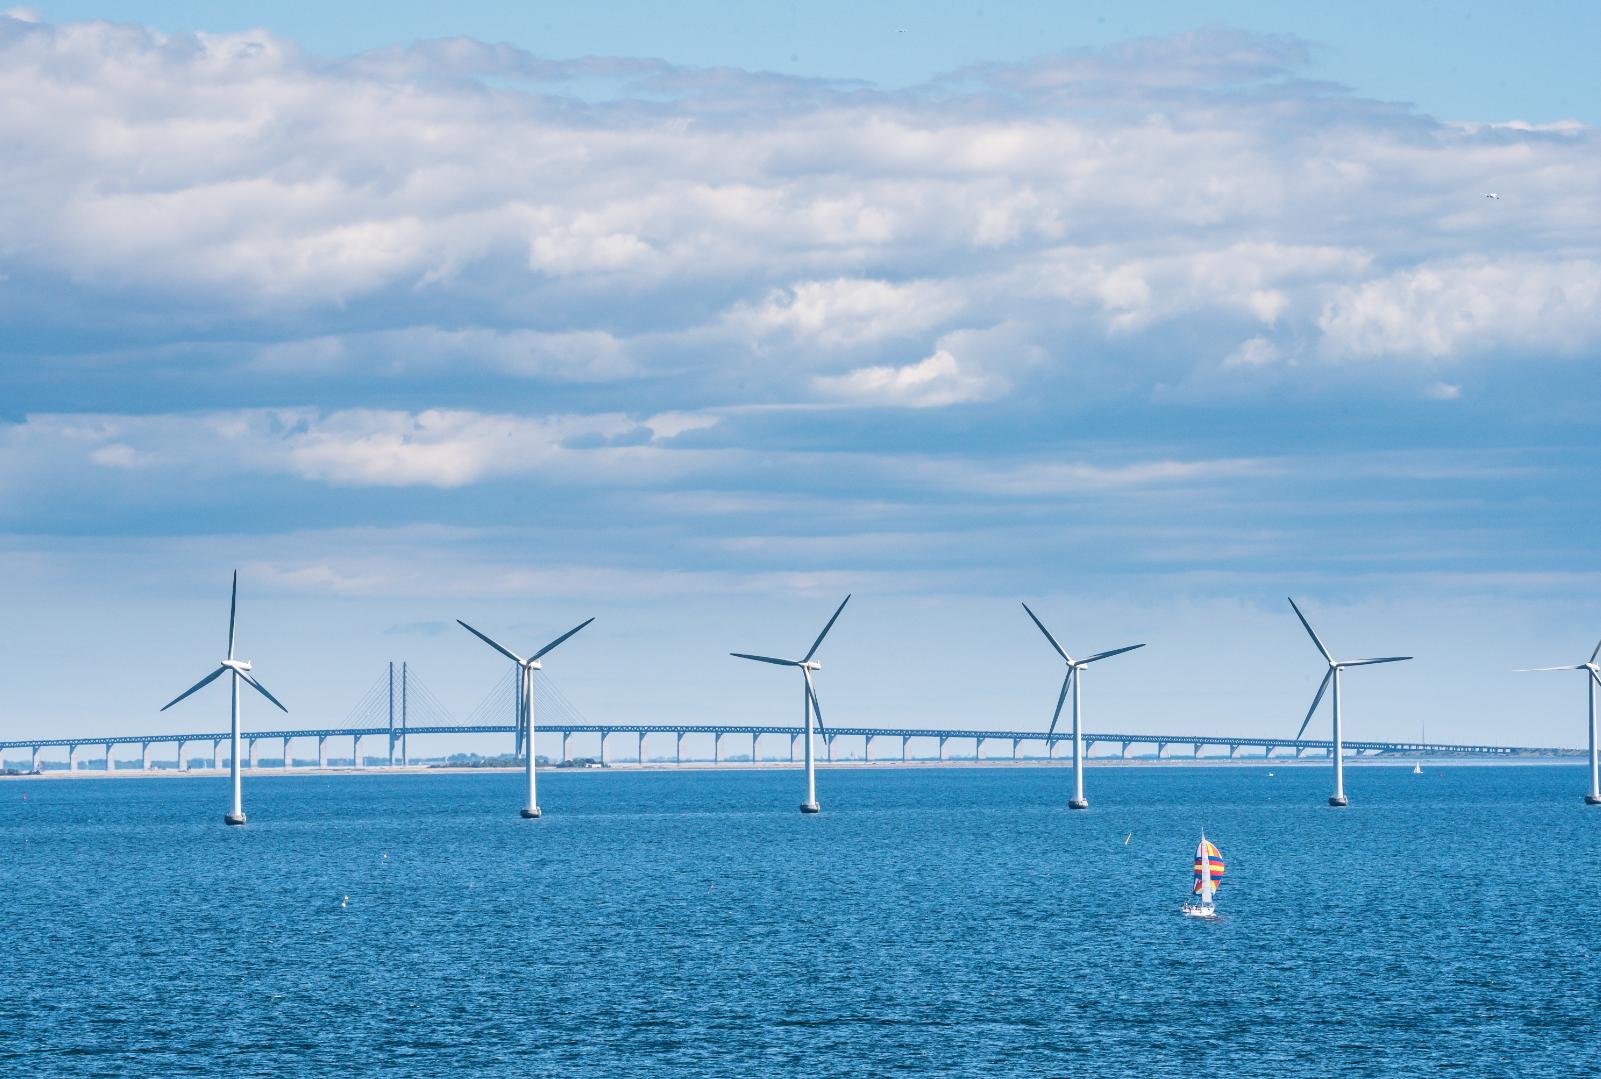 Phối cảnh cầu nối Cà Mau - Gành Hào - Đông Hải cùng trọng điểm phát triển điện gió của Bạc Liêu